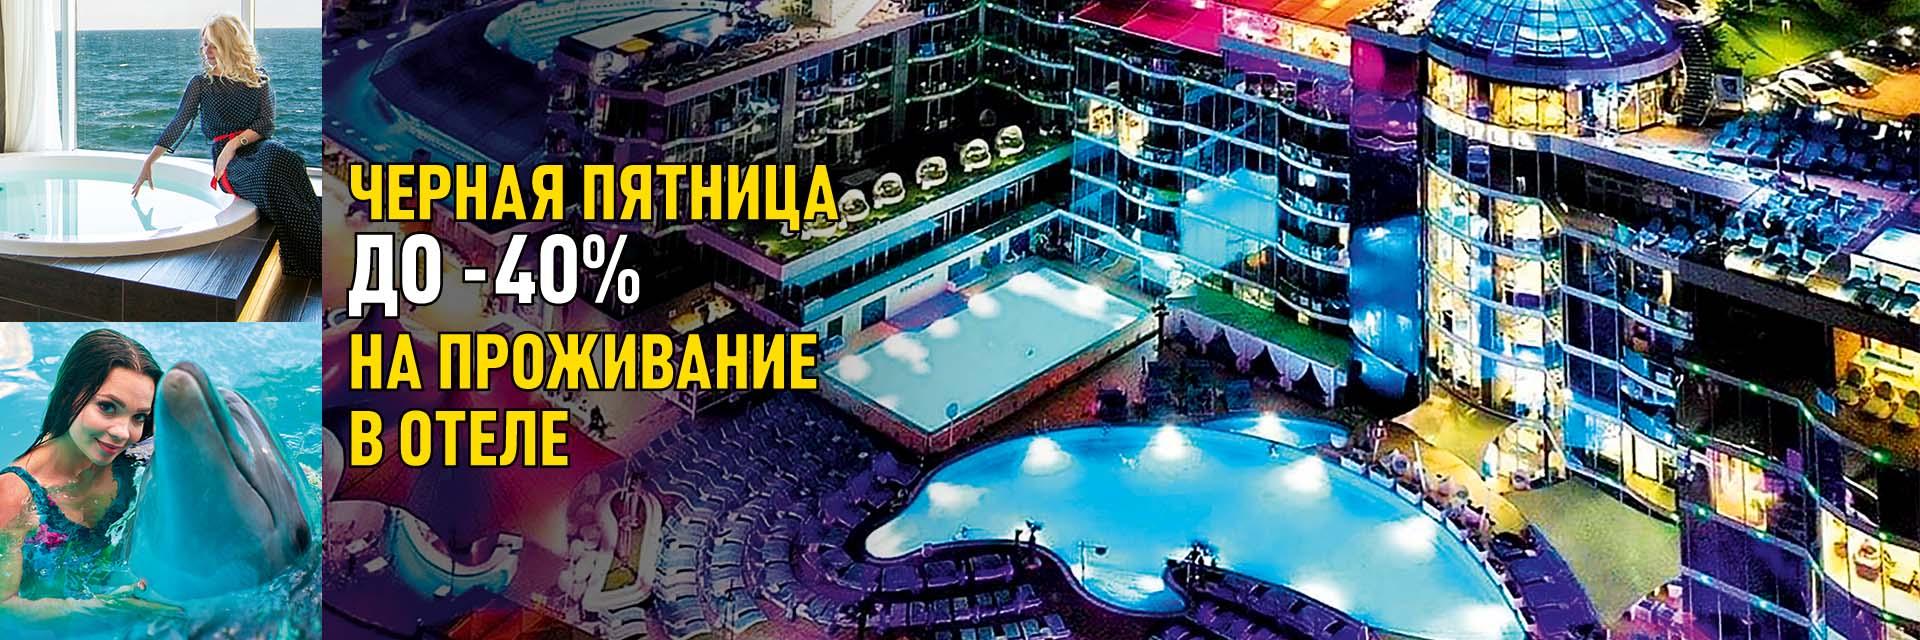 Черная пятница в RESORT & SPA HOTEL NEMO, фото № 1